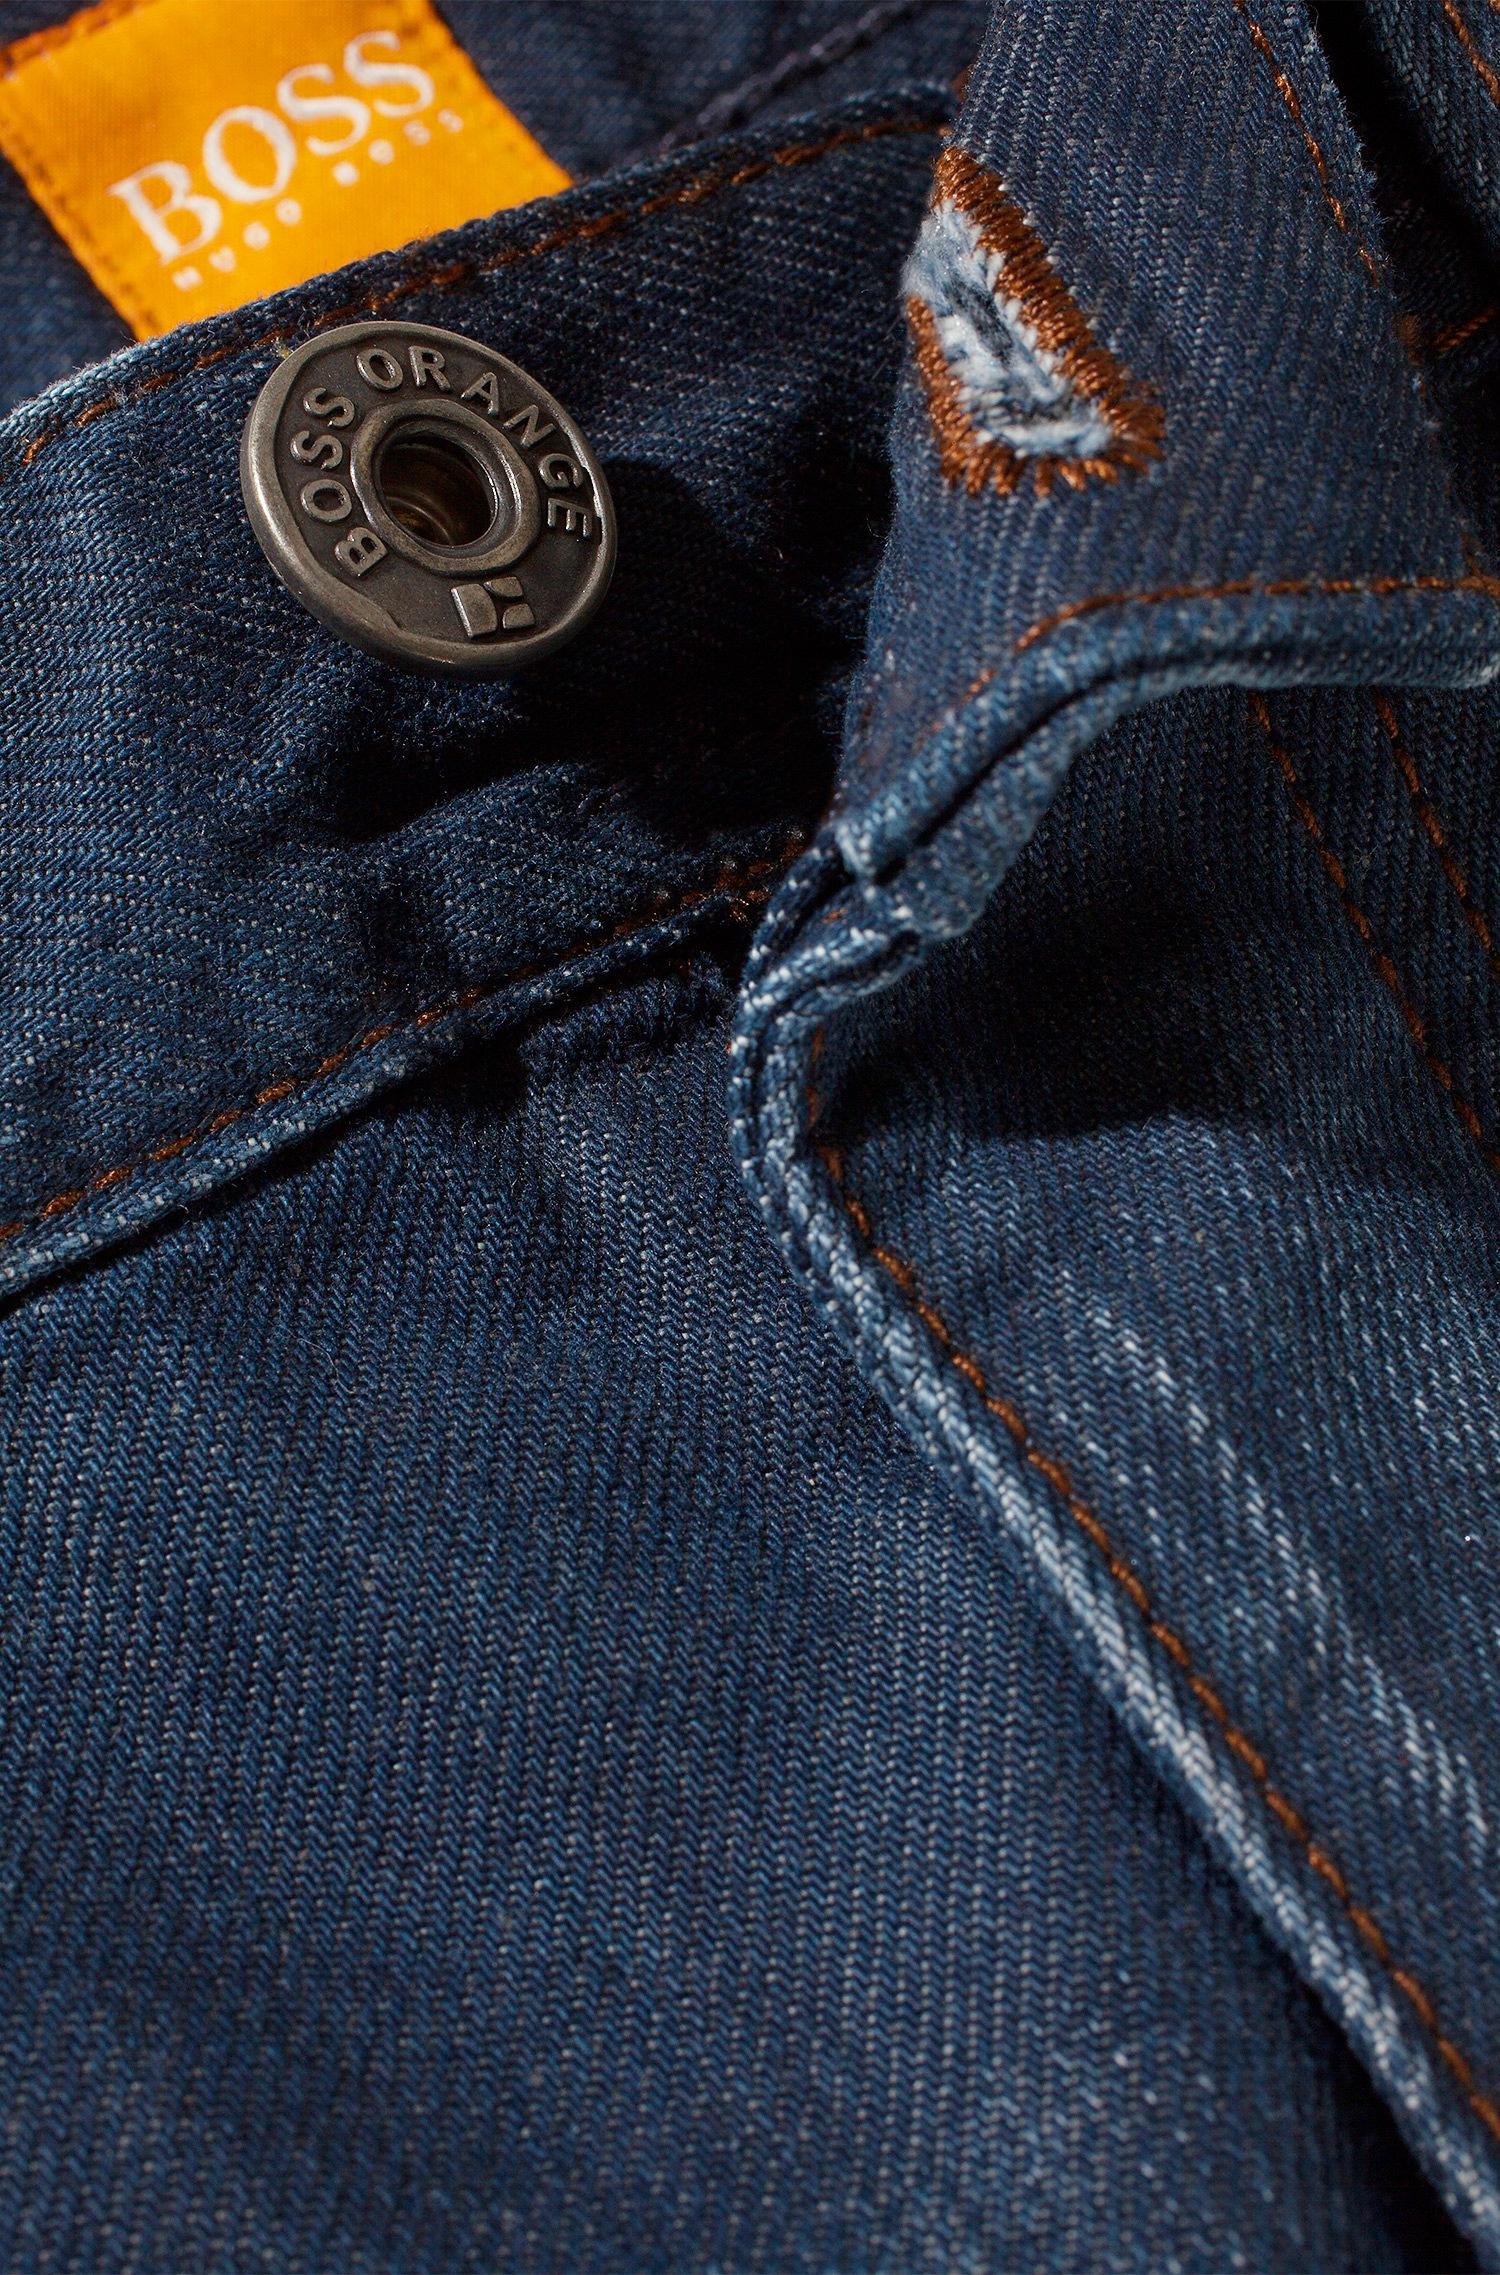 lyst boss orange regularfit jeans orange25 liverpool stereo in blue for men. Black Bedroom Furniture Sets. Home Design Ideas